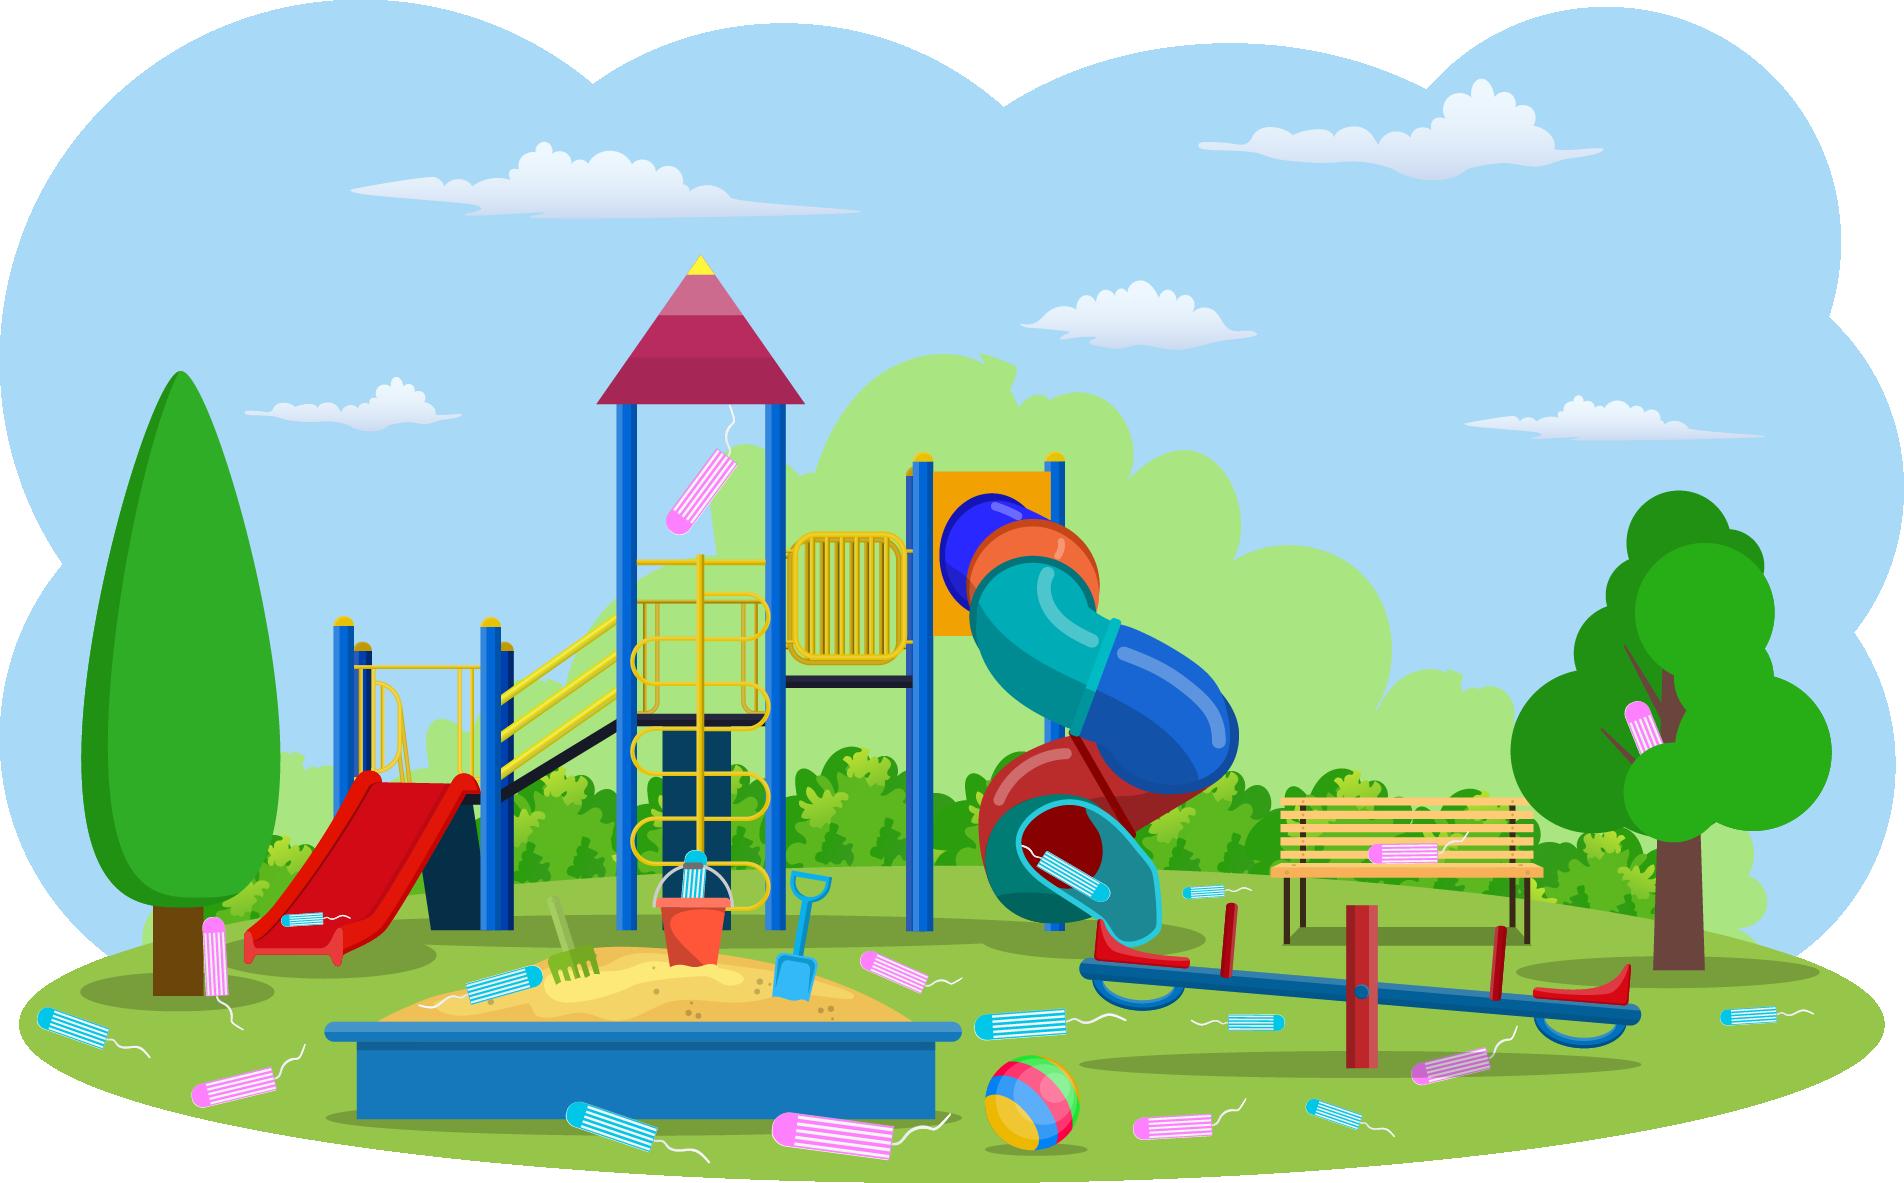 Figur 2: Er det en sammenheng mellom jobb i barnehage og tampongforbruk? I statistikk kaller vi falske sammenhenger for spuriøse sammenhenger.